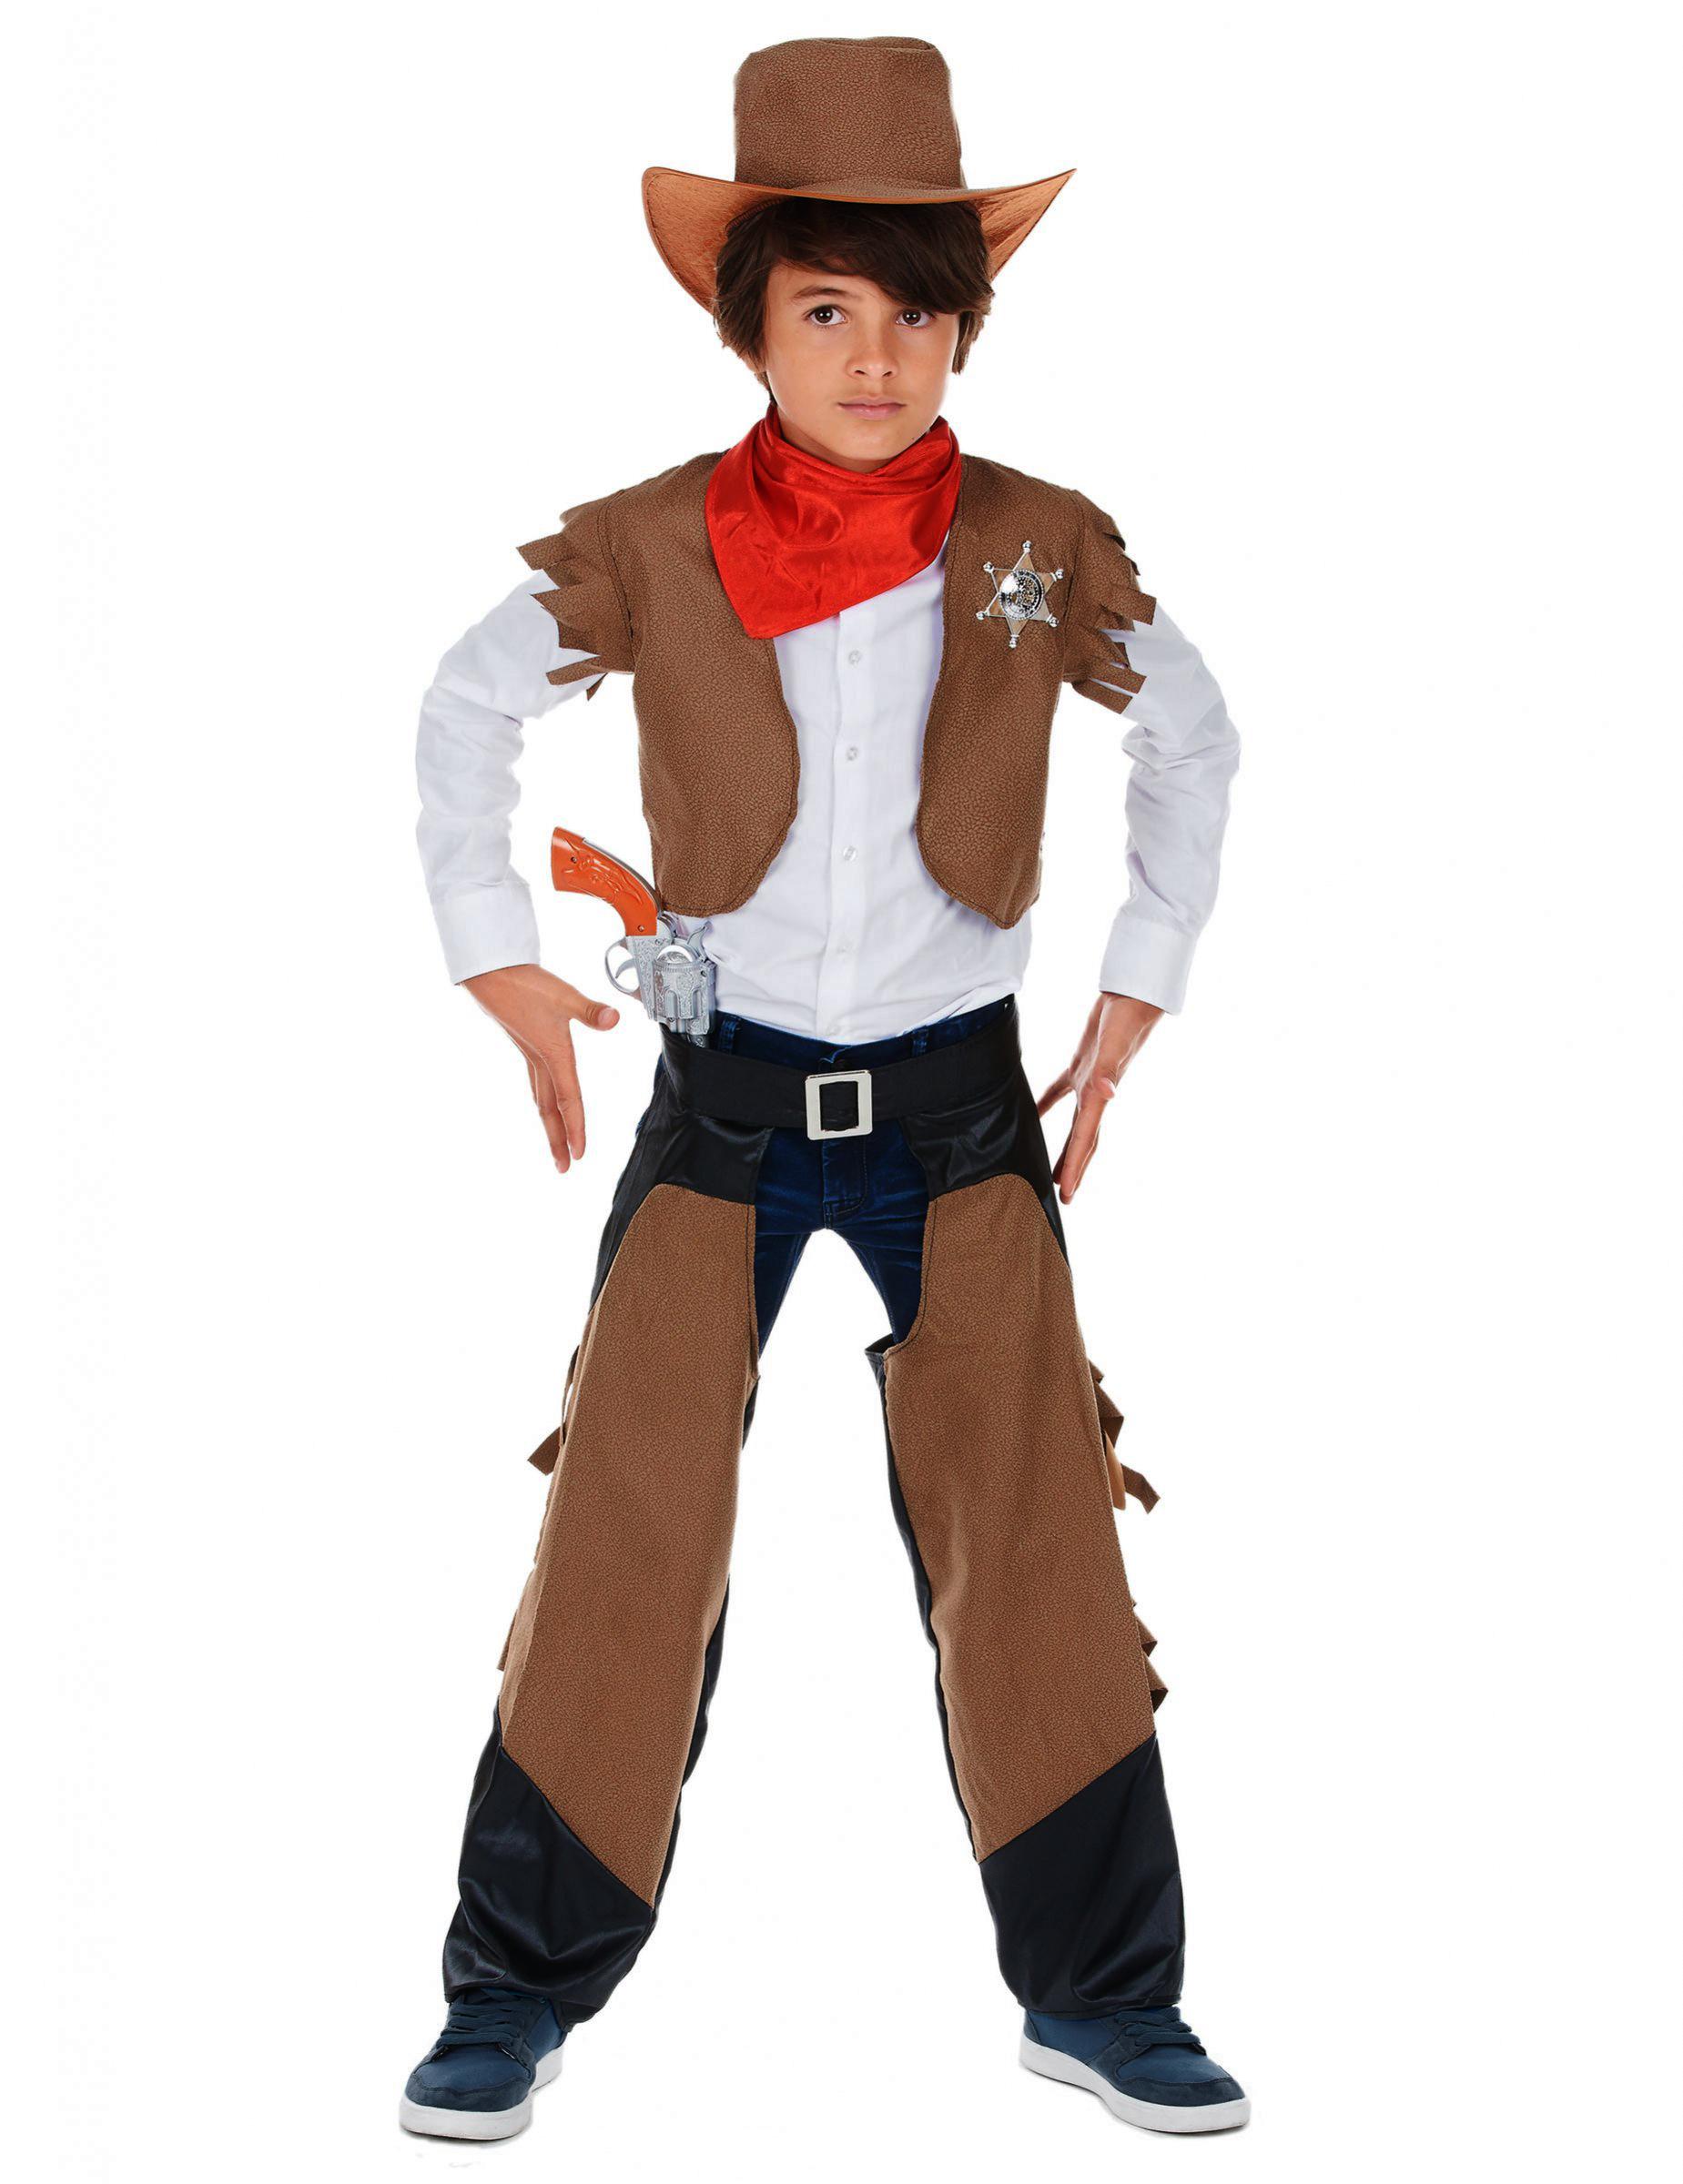 Disfarce de Cowboy menino  Disfarces Crianças 21c1e3c8bd7